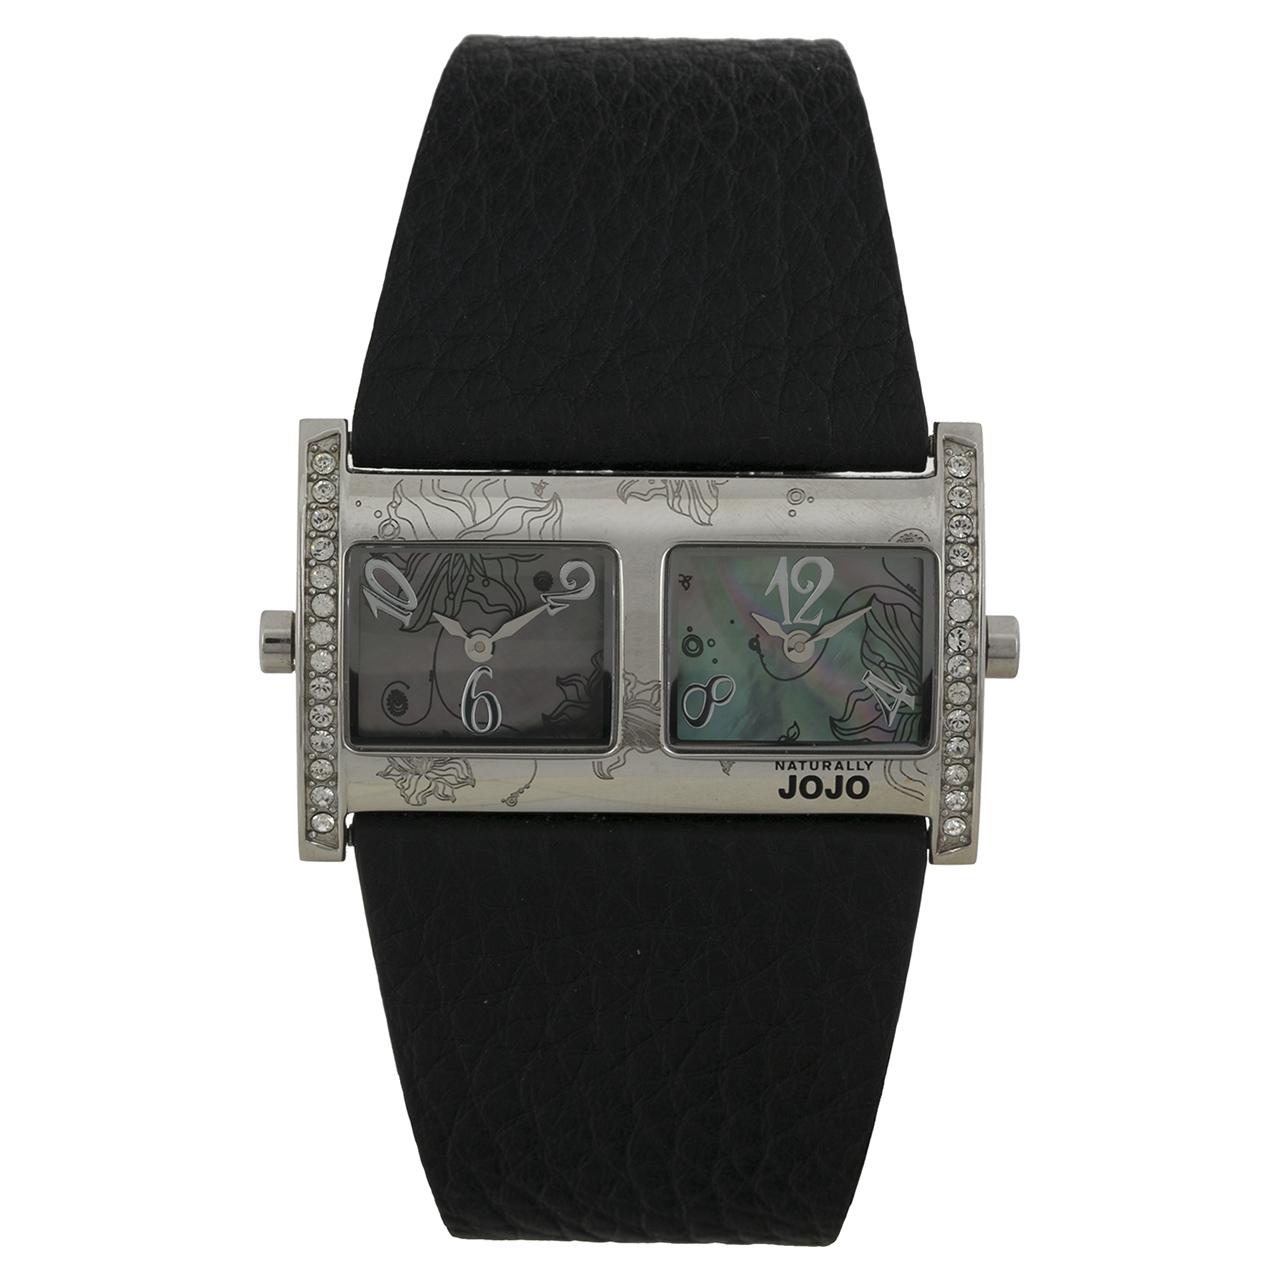 ساعت مچی عقربه ای زنانه نچرالی ژوژو مدل JO95168.88F